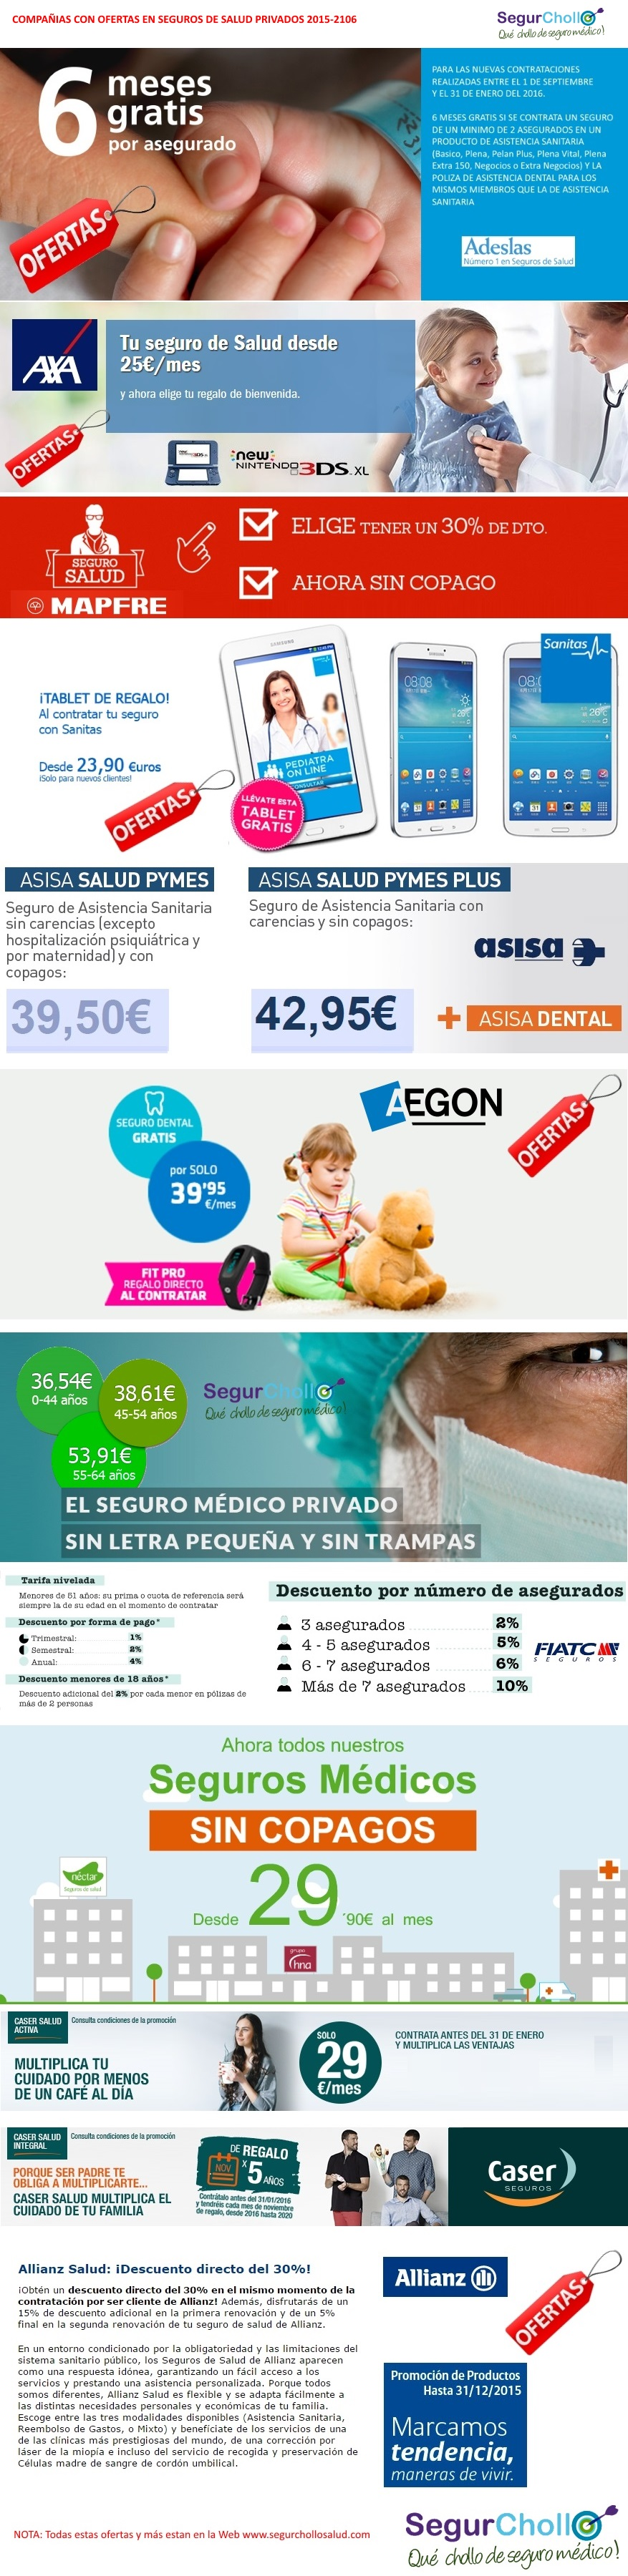 Ofertas-seguros-medicos-privados-2015-2016